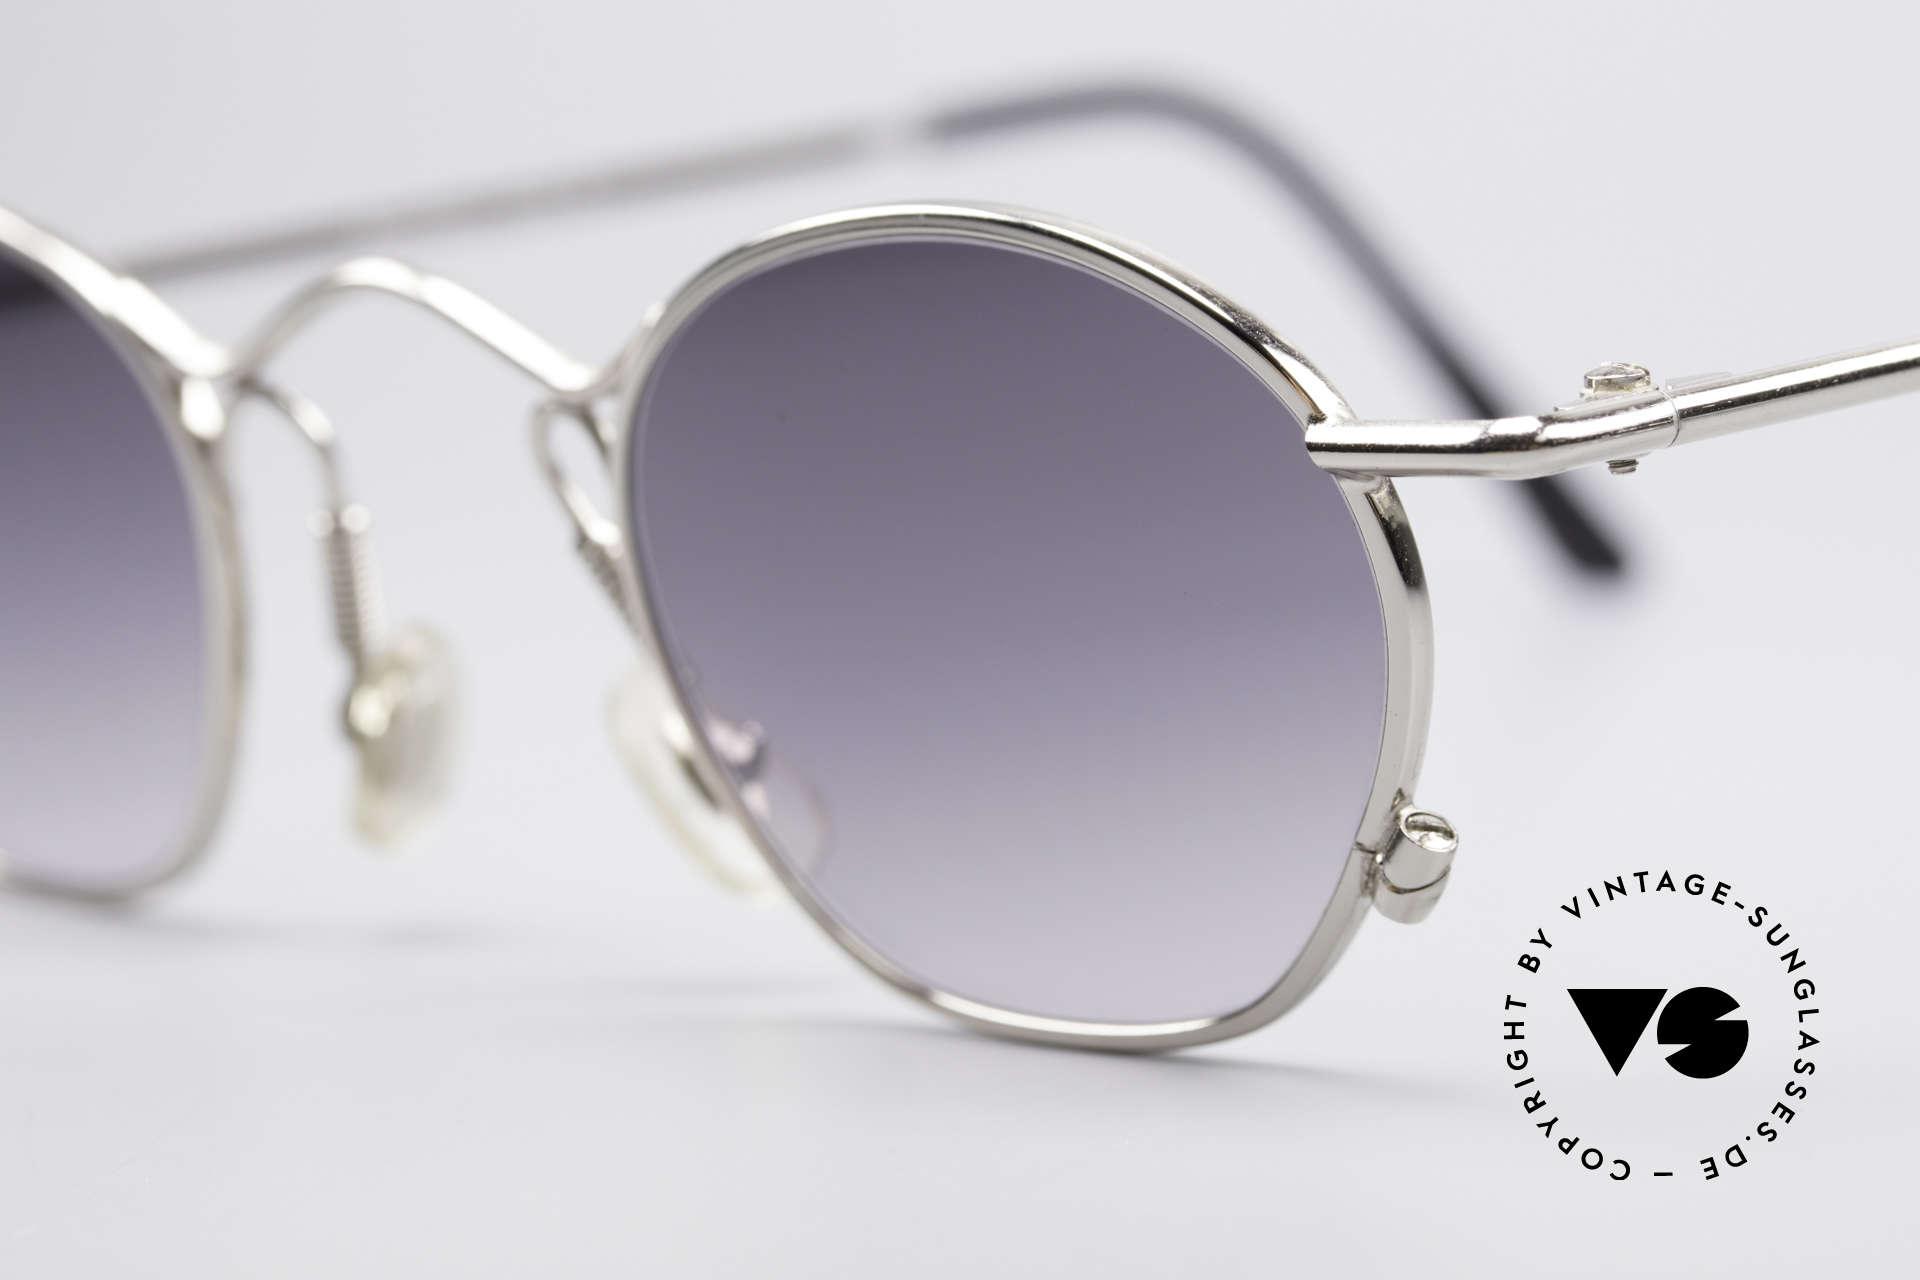 IDC 101 Echt Vintage No Retro Brille, außergewöhnliche Rahmen-Details (typisch IDC), Passend für Herren und Damen